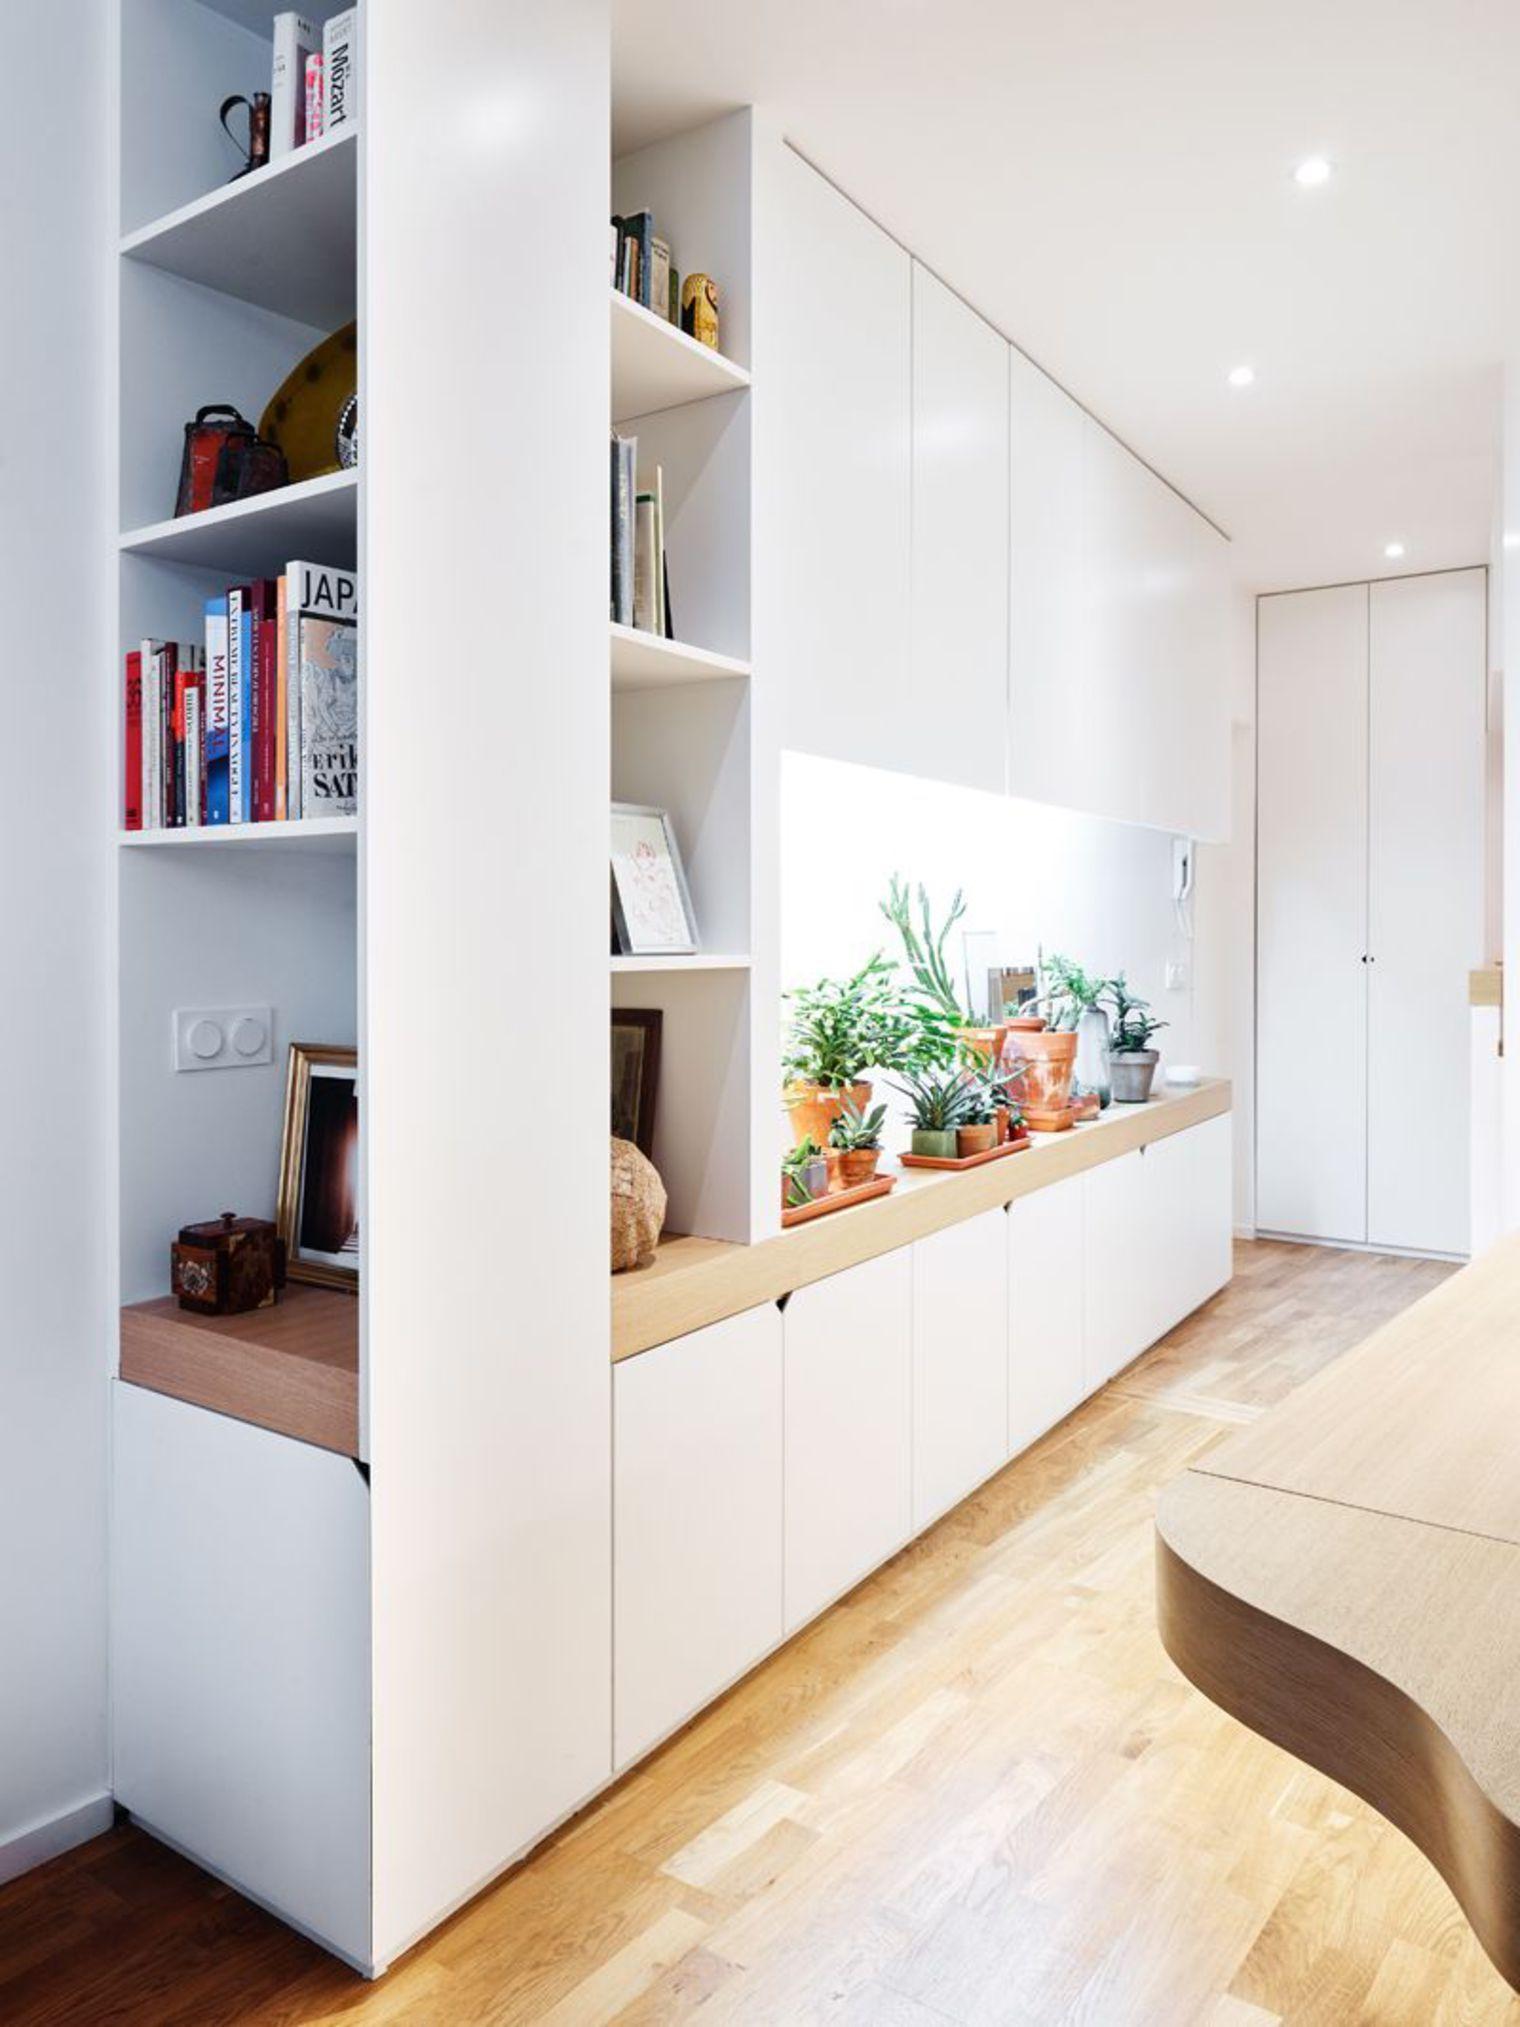 id e rangement pour l 39 entr e petit jardin int rieur dans un meuble toute hauteur immacul. Black Bedroom Furniture Sets. Home Design Ideas